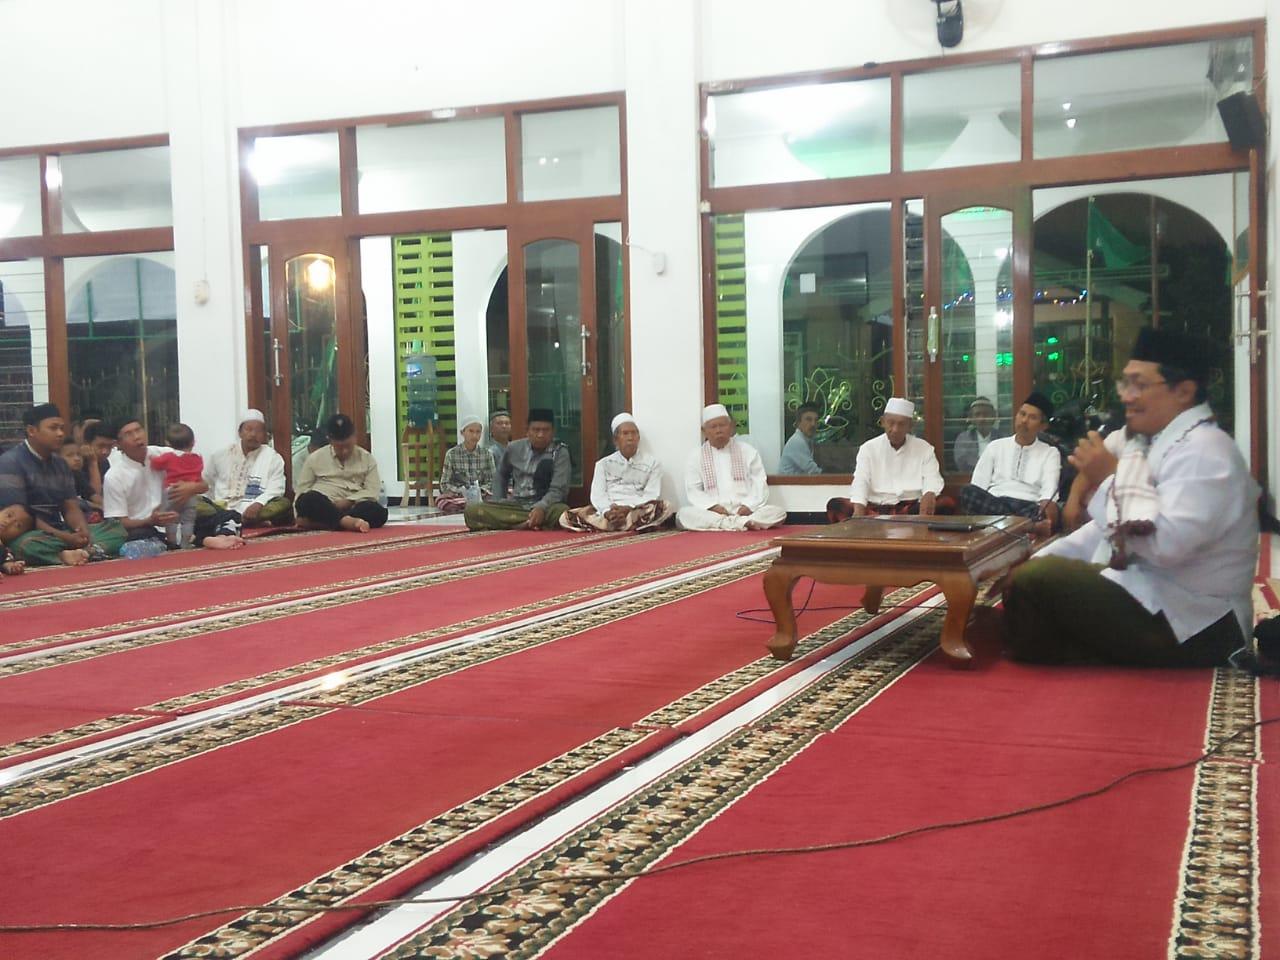 Tangkal Ideologi Radikal di Akar Rumput, Lakpesdam Kecamatan Banyuwangi Gelar Kajian Aswaja Bulanan